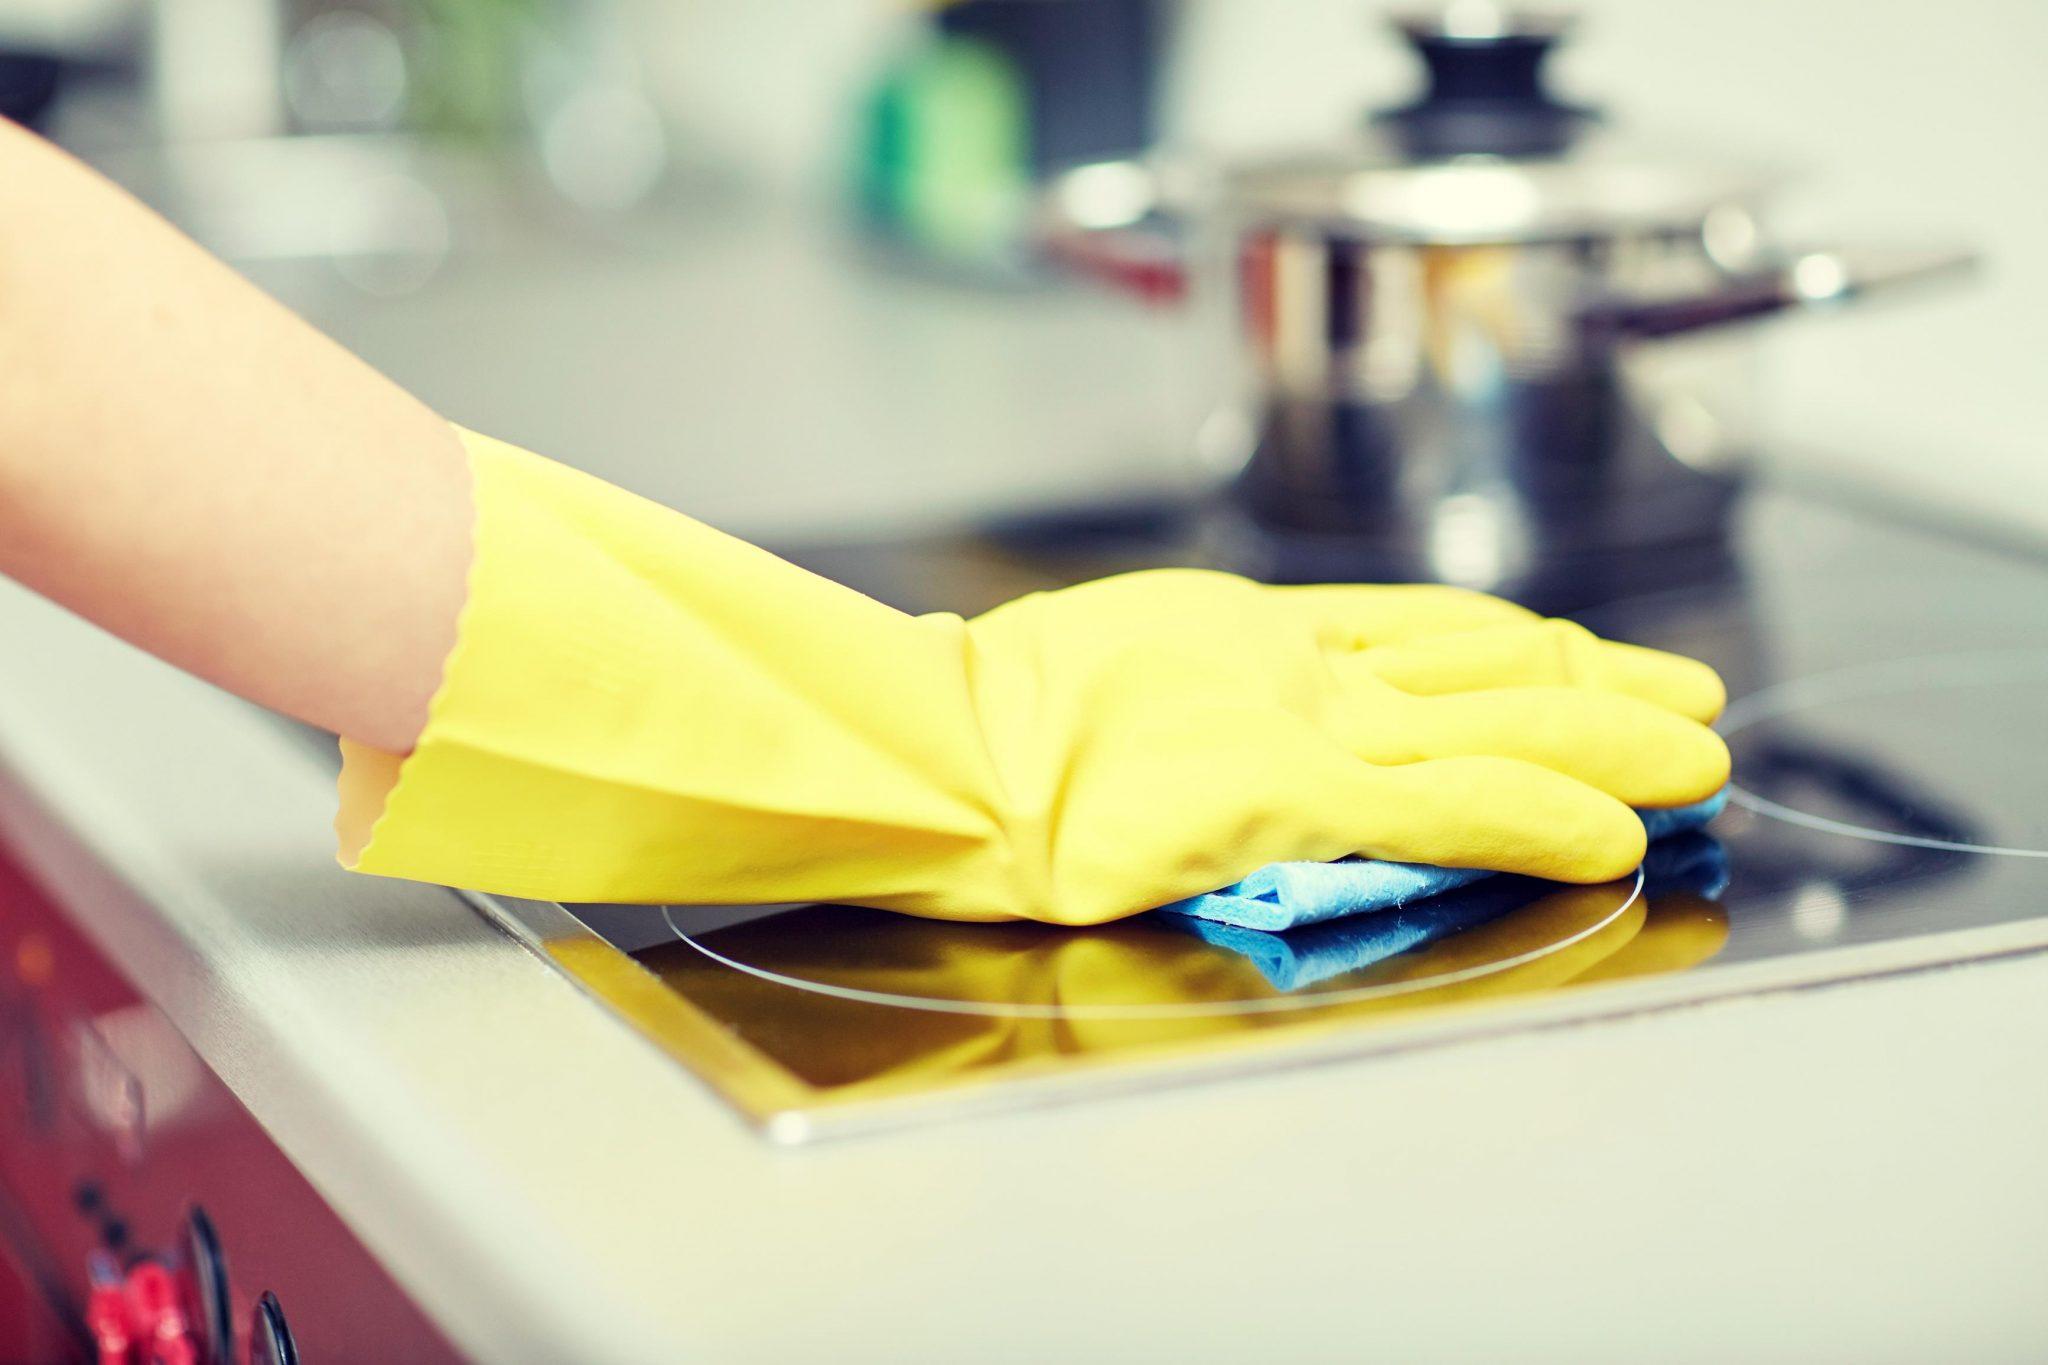 Những bí quyết bảo quản bếp từ luôn sáng bóng, sạch sẽ